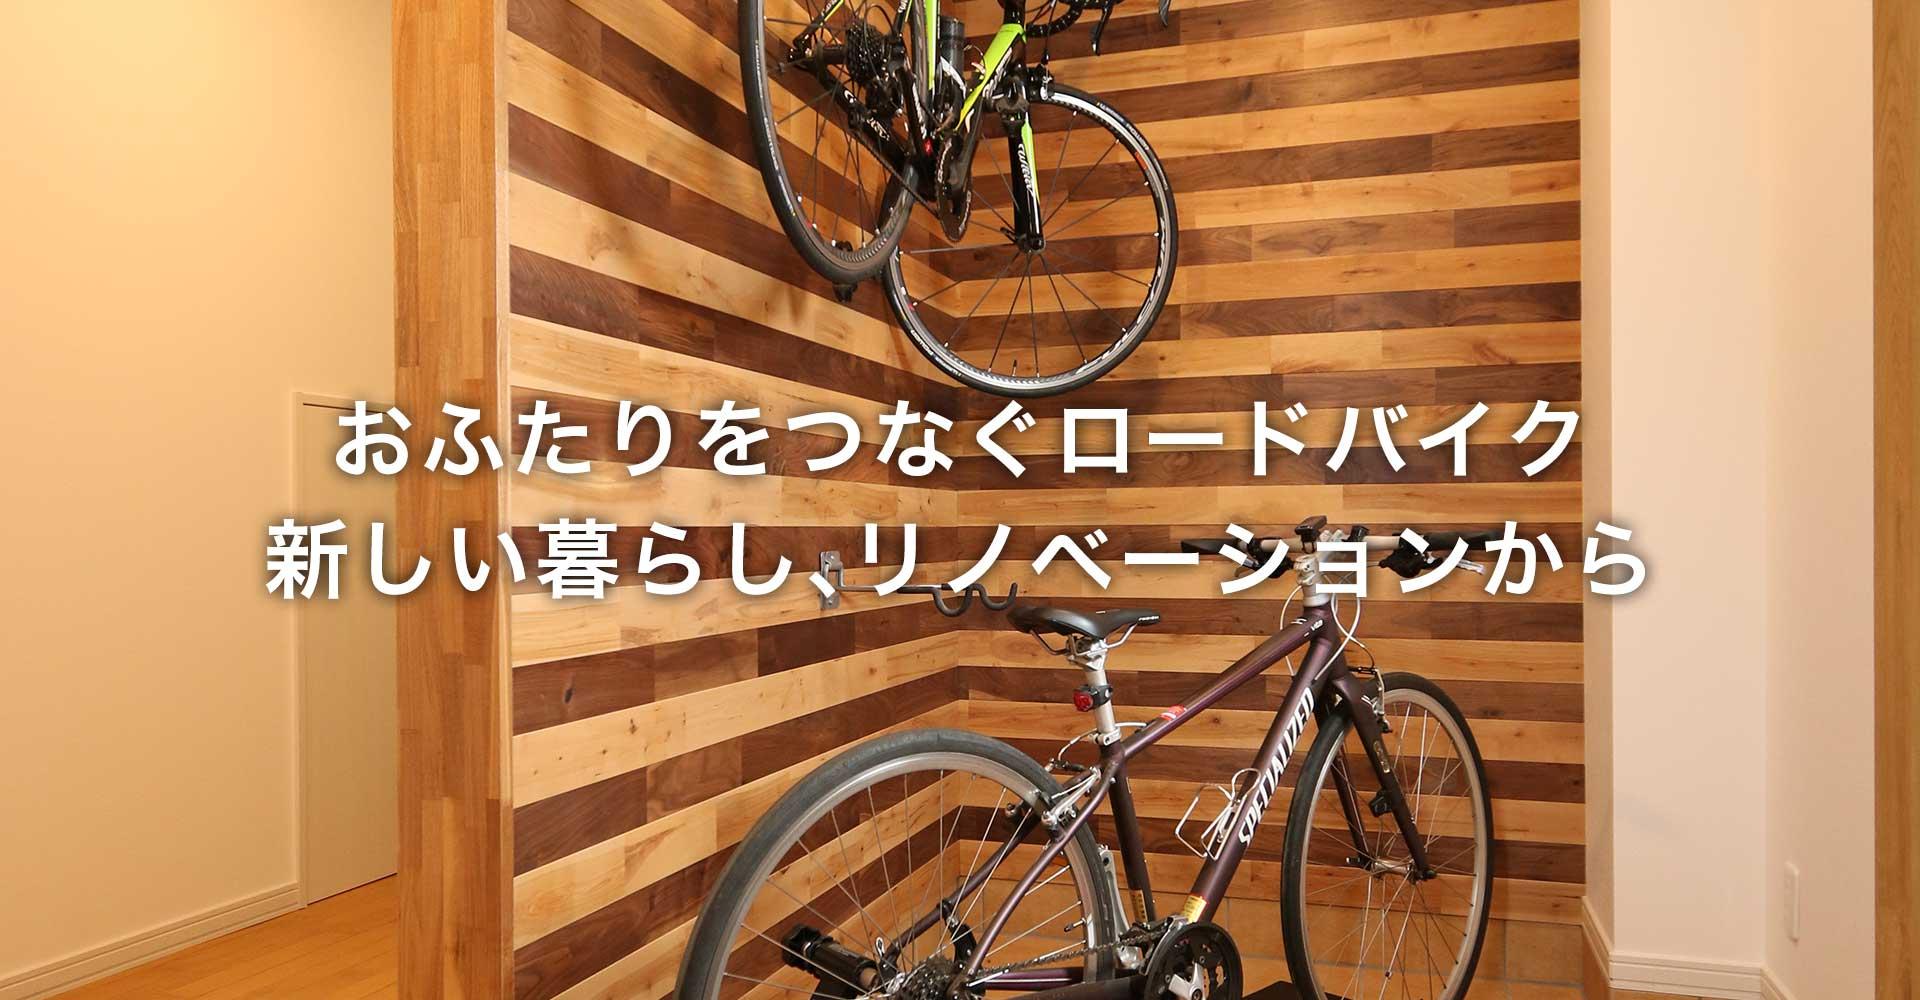 おふたりをつなぐロードバイク 新しい暮らし、リノベーションから